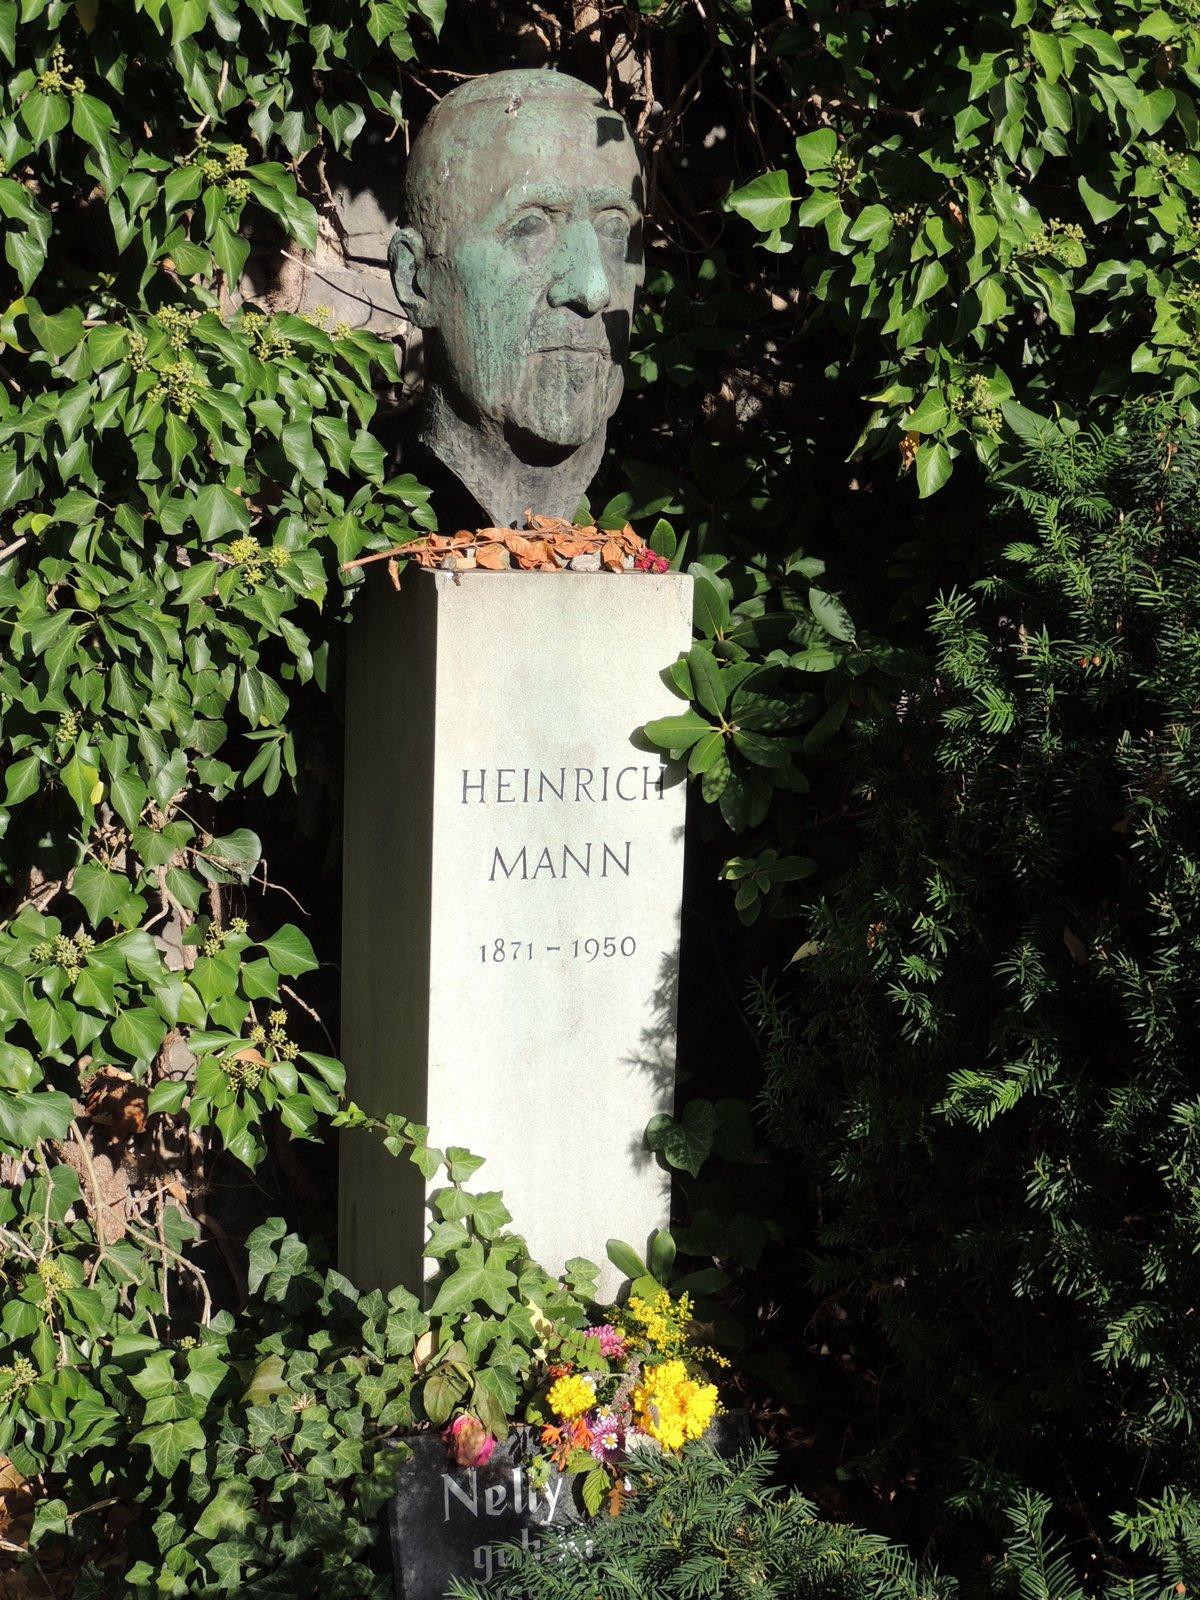 Dorotheenstädtischer Friedhof Berlin-Mitte - Heinrich Mann